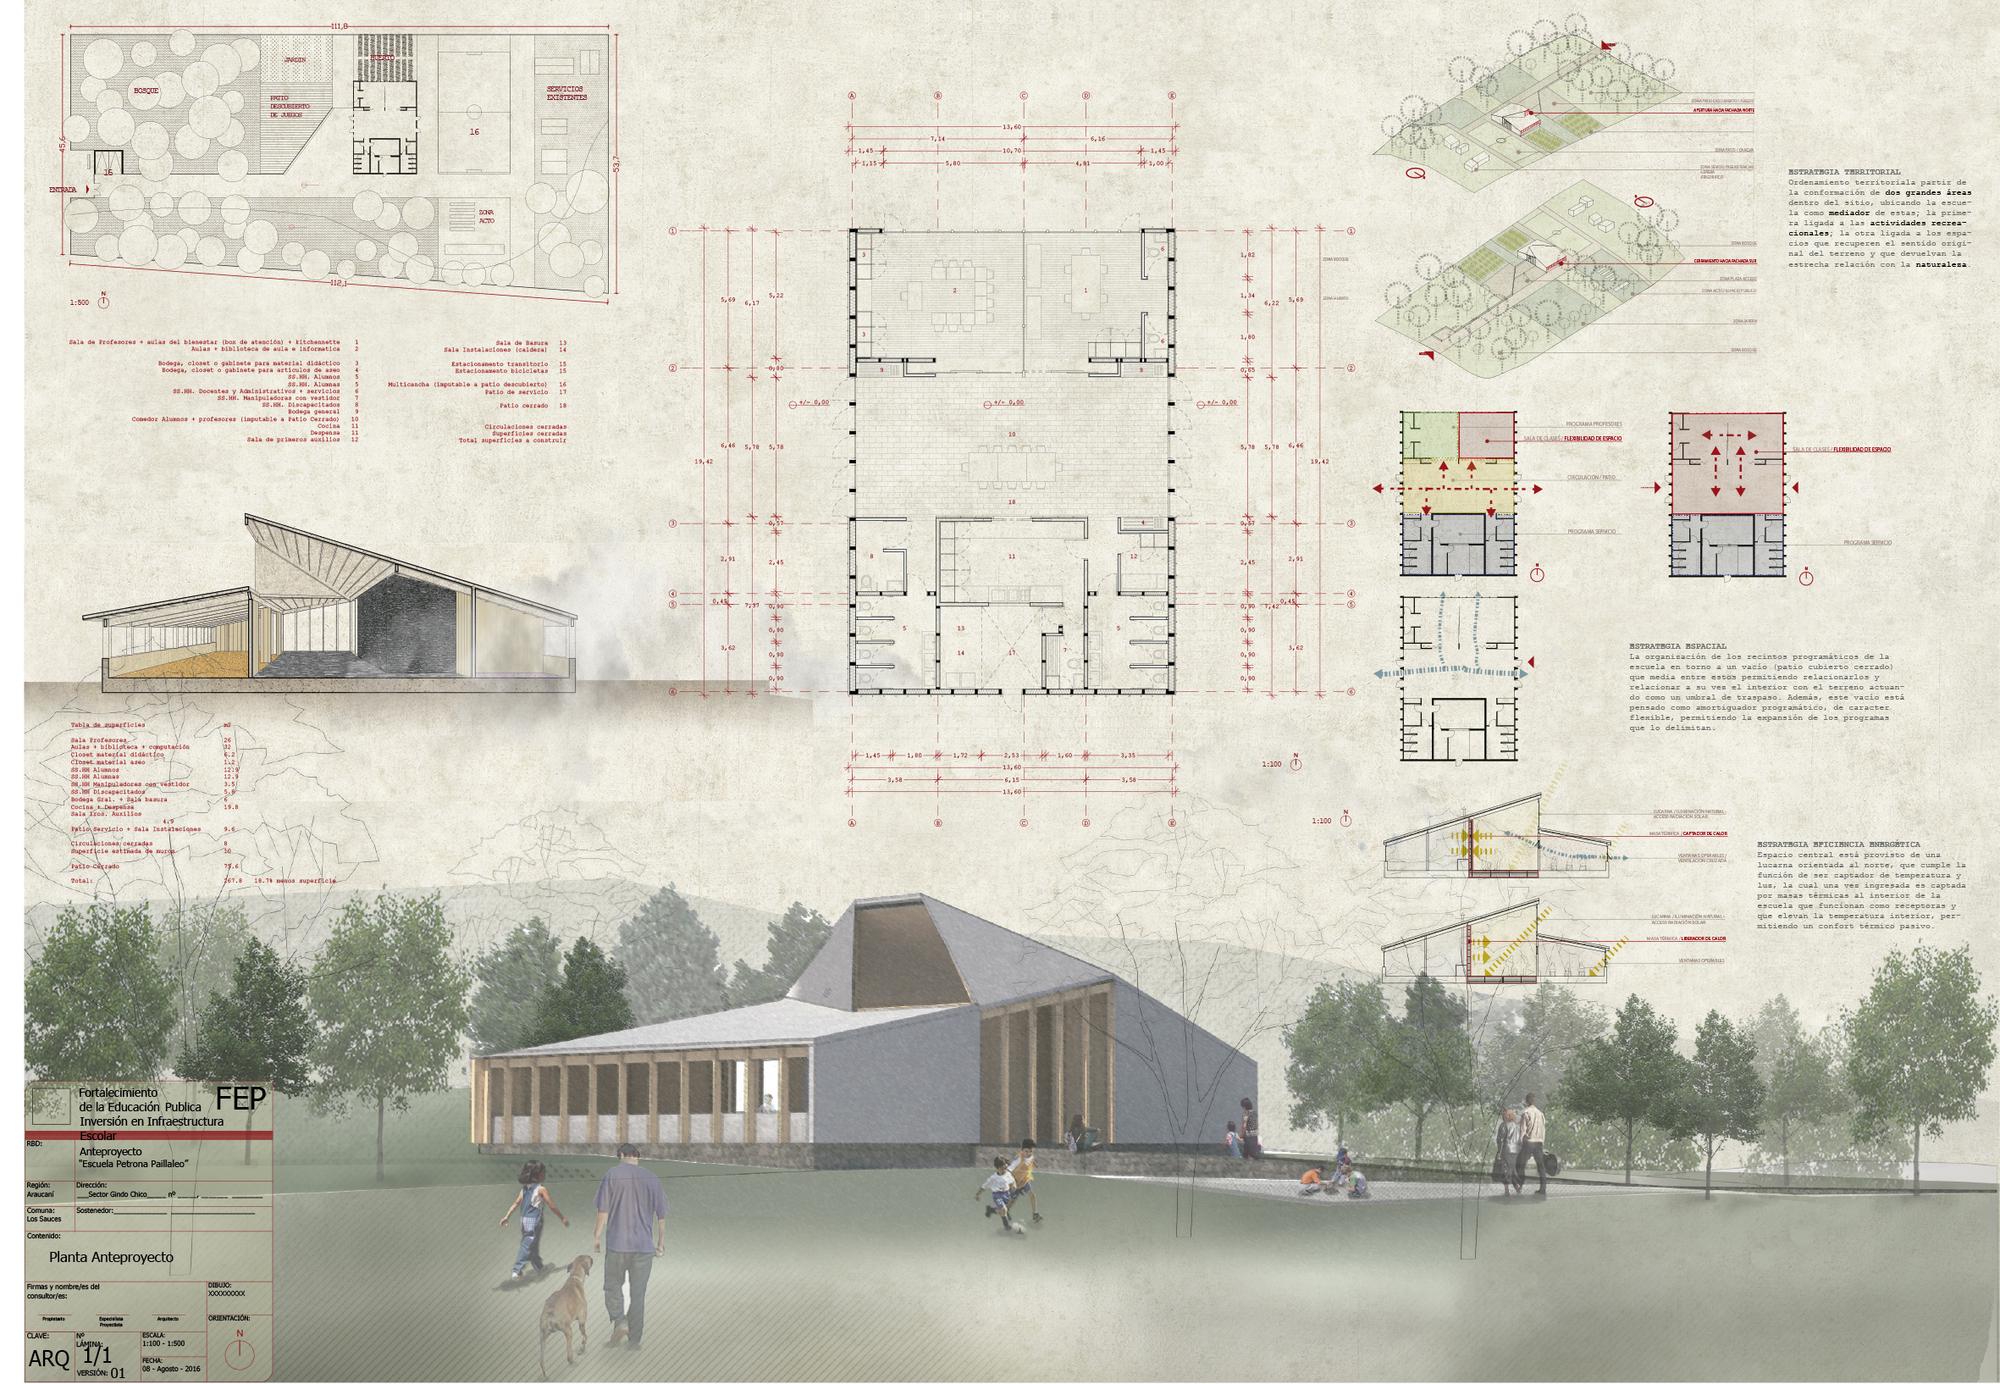 Conoce los dise os ganadores para reponer ocho escuelas for Arquitectura de interiores universidades